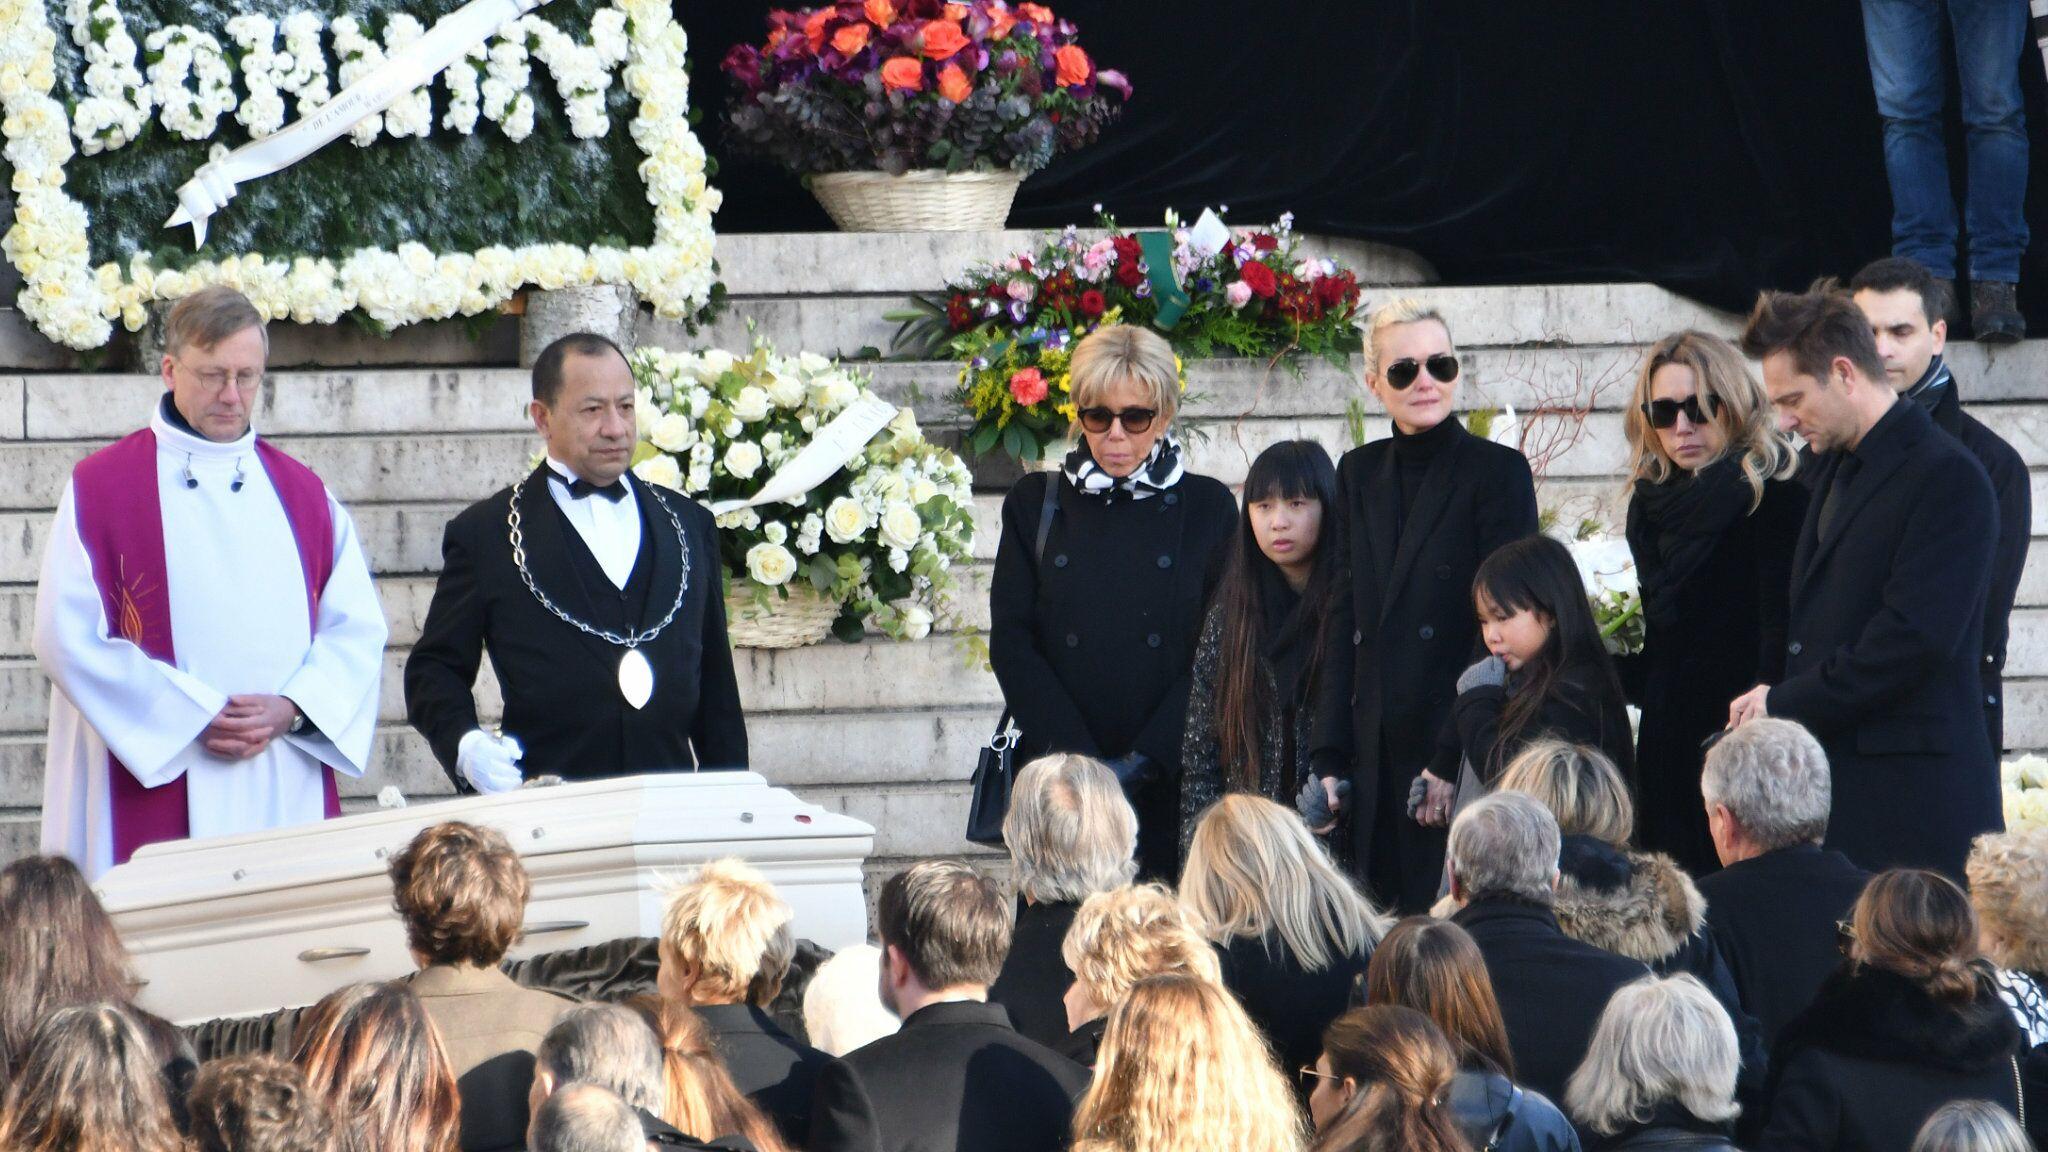 La dépouille de Johnny Hallyday en danger? Le cercueil du chanteur « commencerait à s'abîmer »